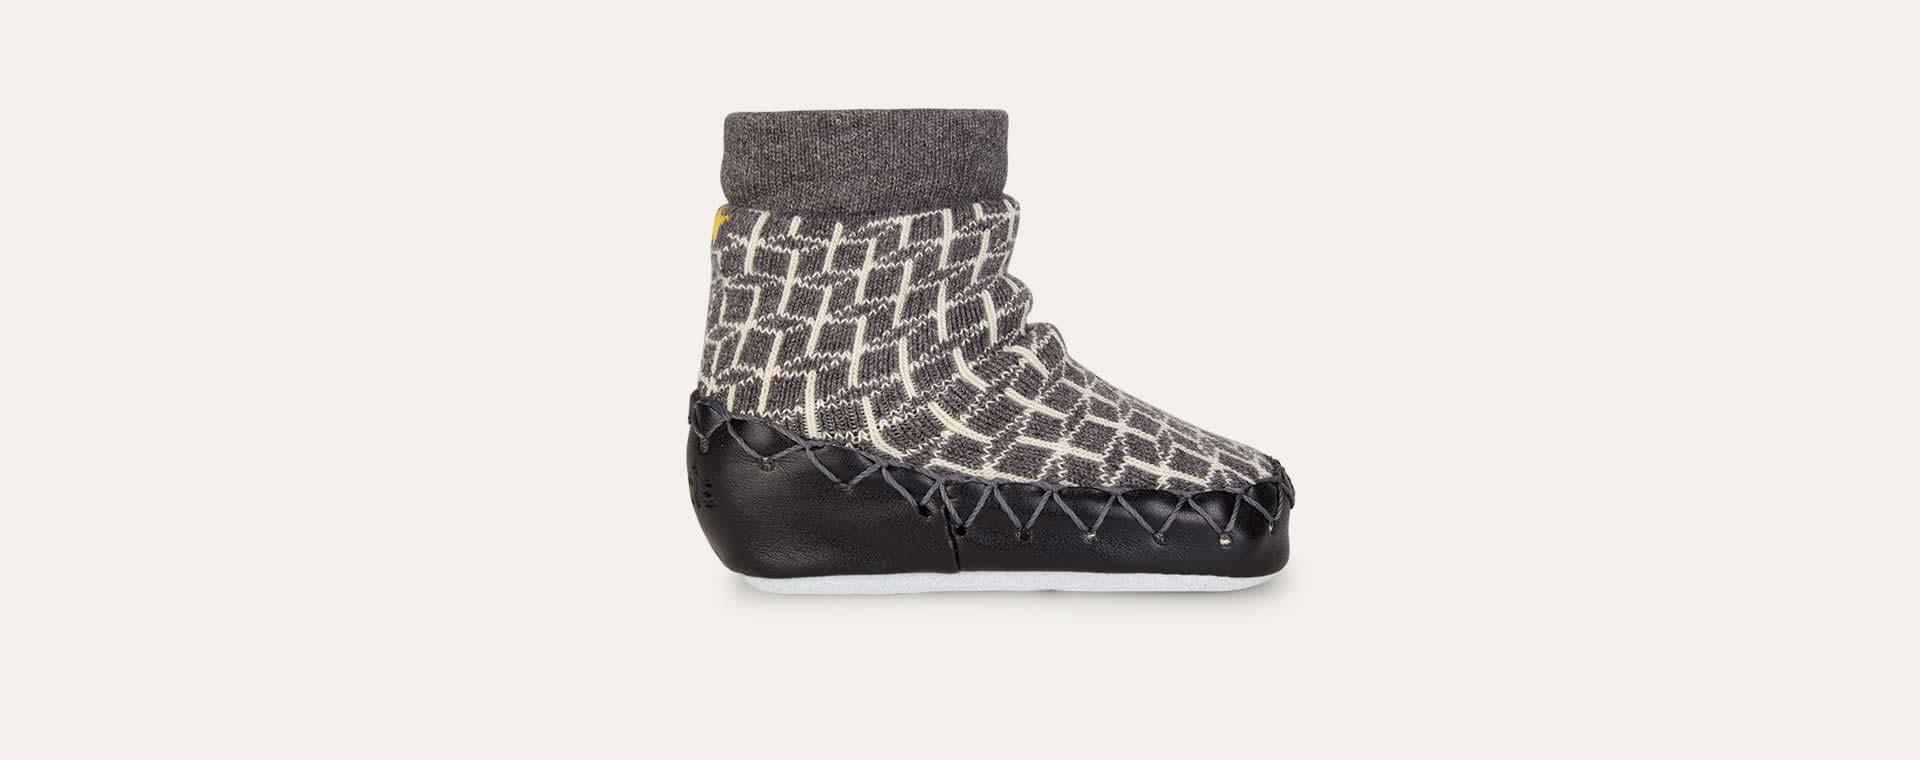 Hygge Moccis Moccasin Slipper Socks